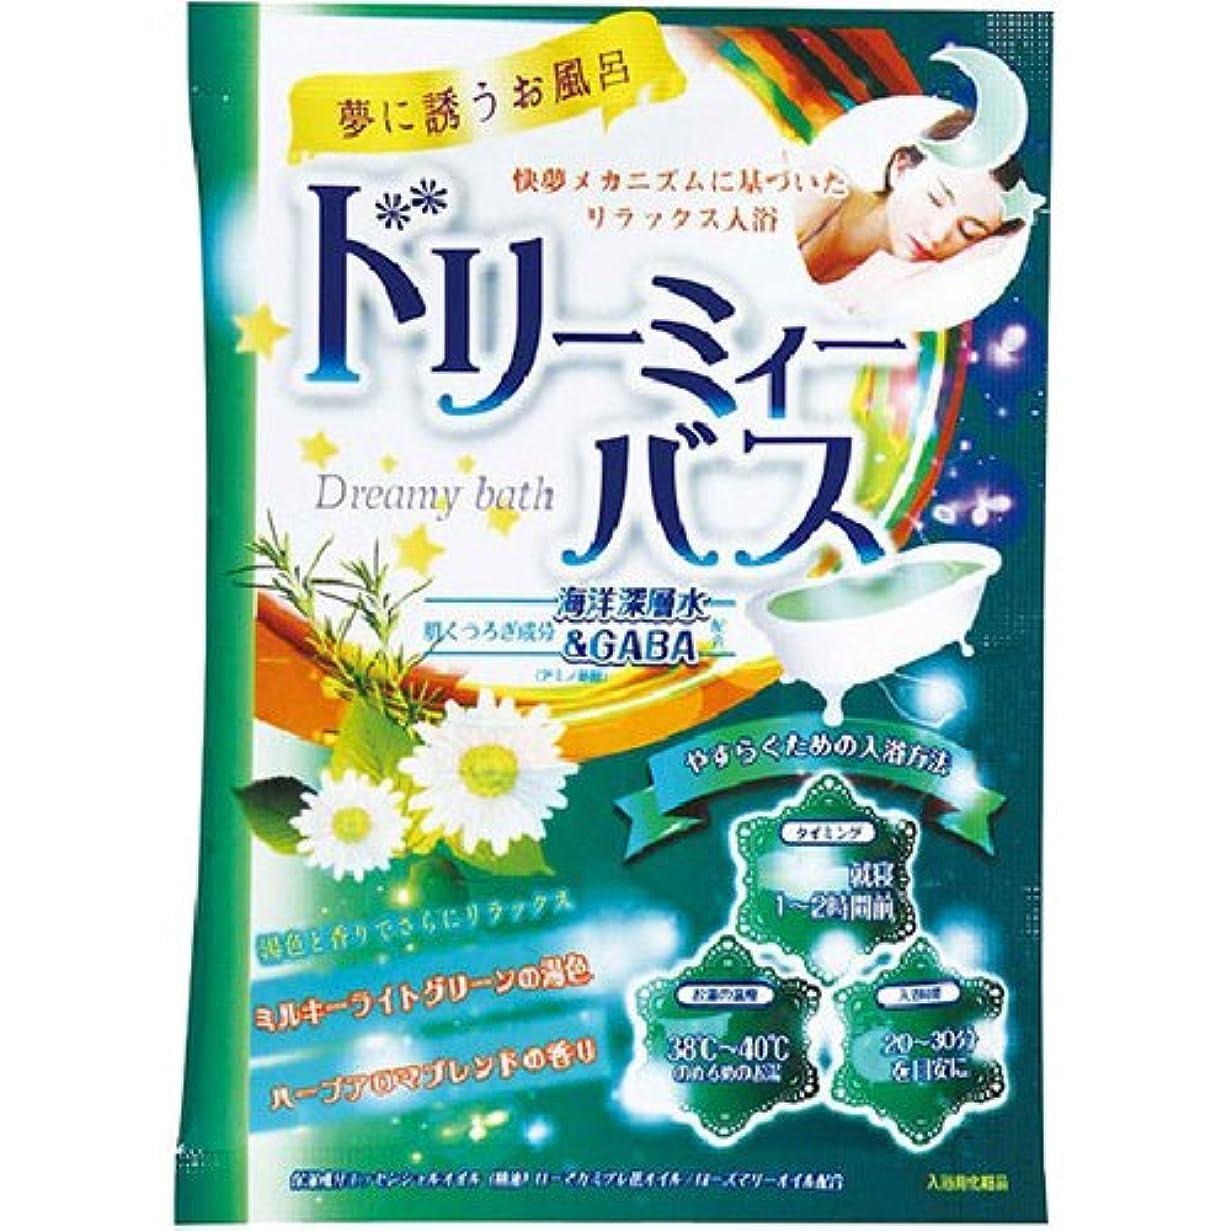 変更可能価値ビーズドリーミィーバス ハーブアロマブレンドの香り 50g